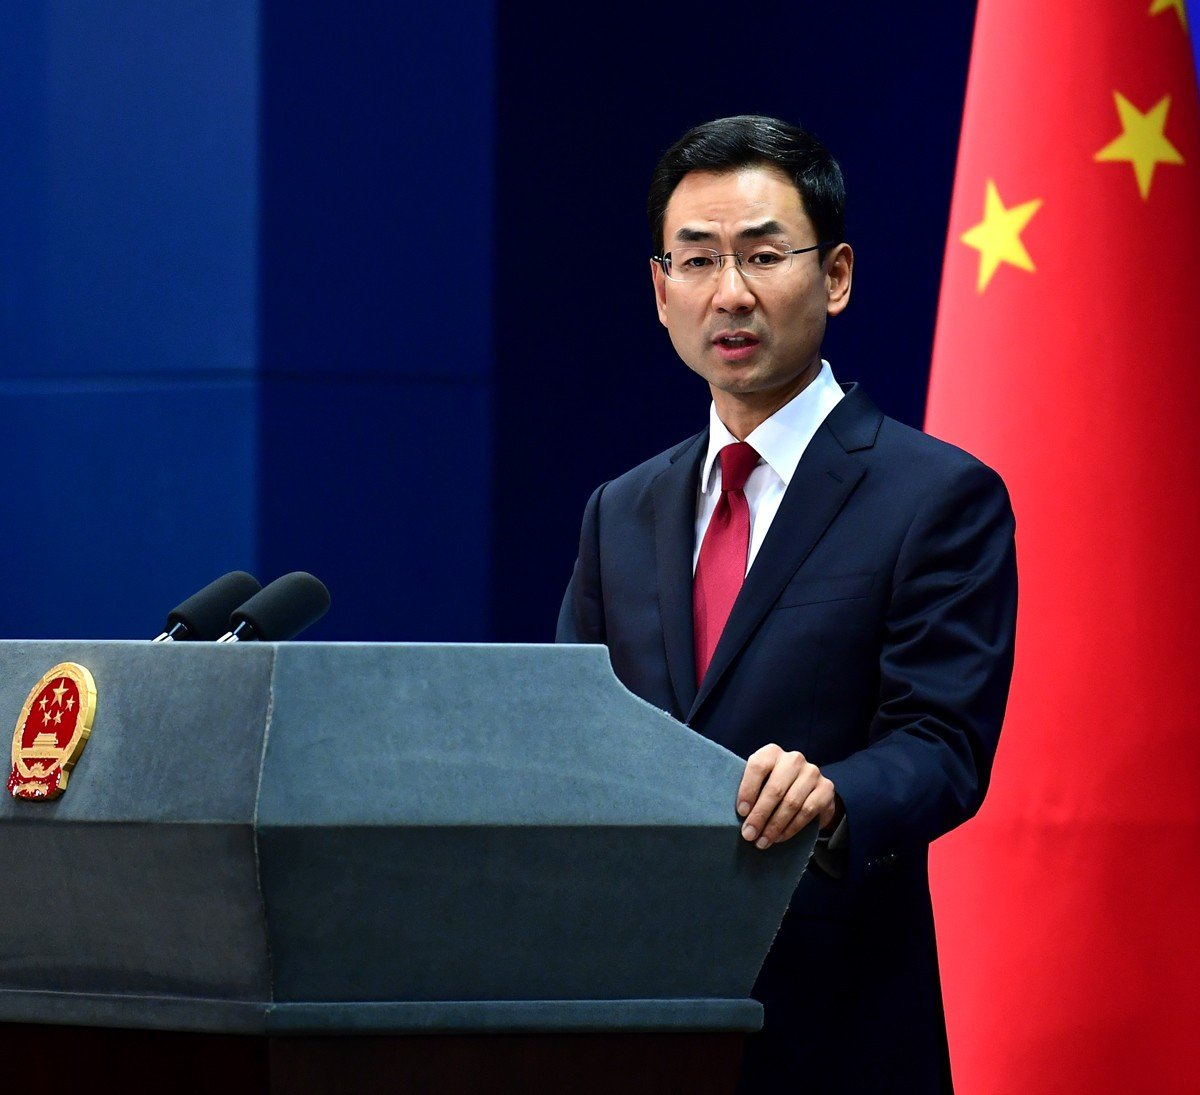 北京外交部發言人耿爽指將對參與軍售美國公司實施制裁。網上圖片